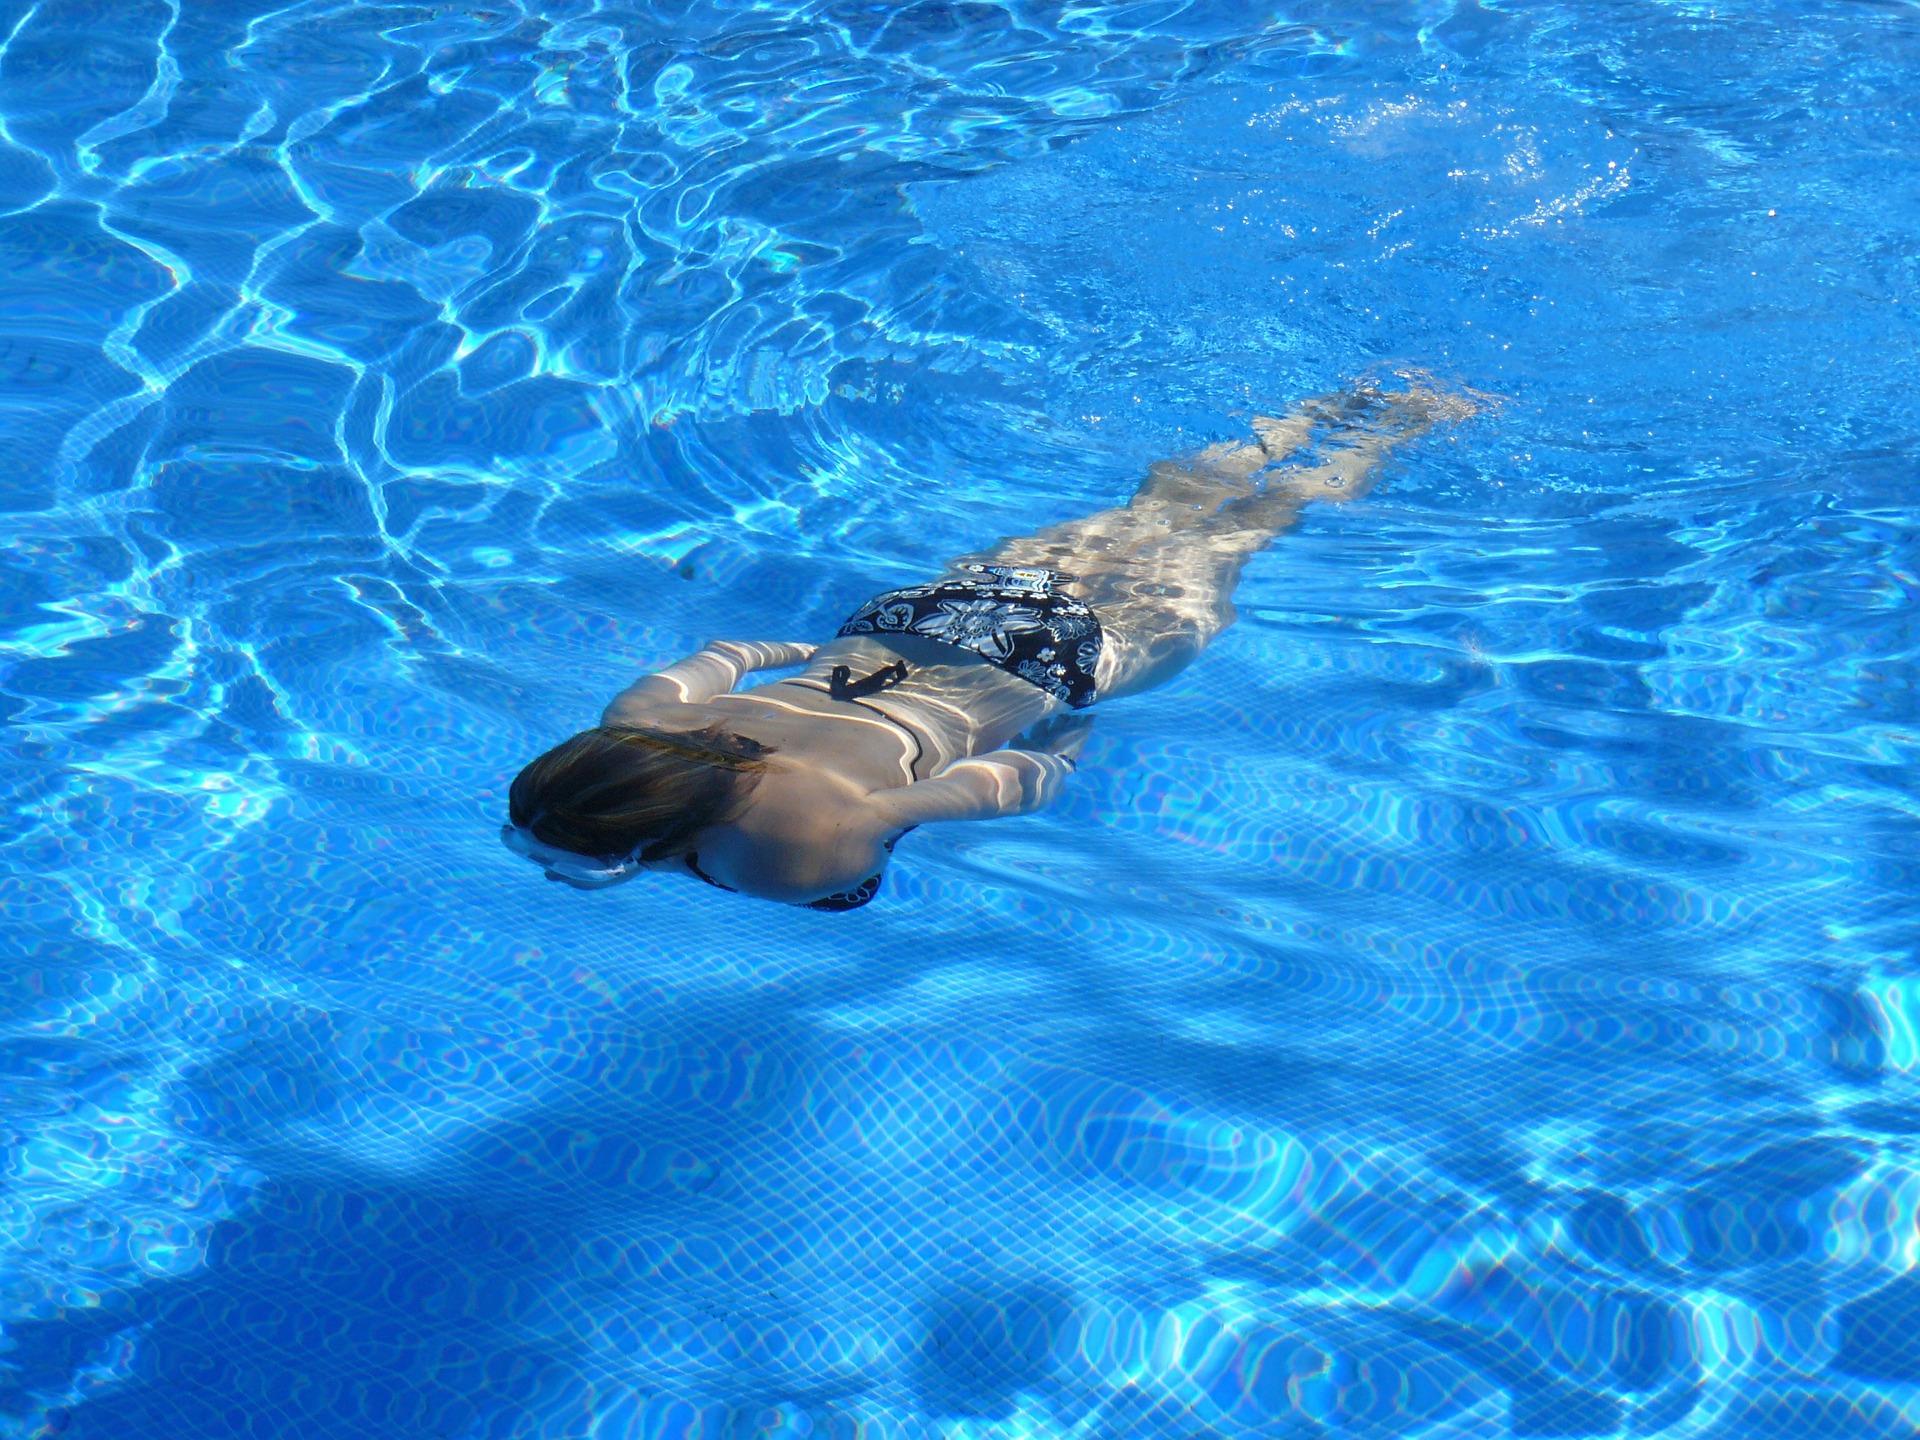 swim 422546 1920 - プールでのエクササイズ:スイミング or 水中ウォーキング